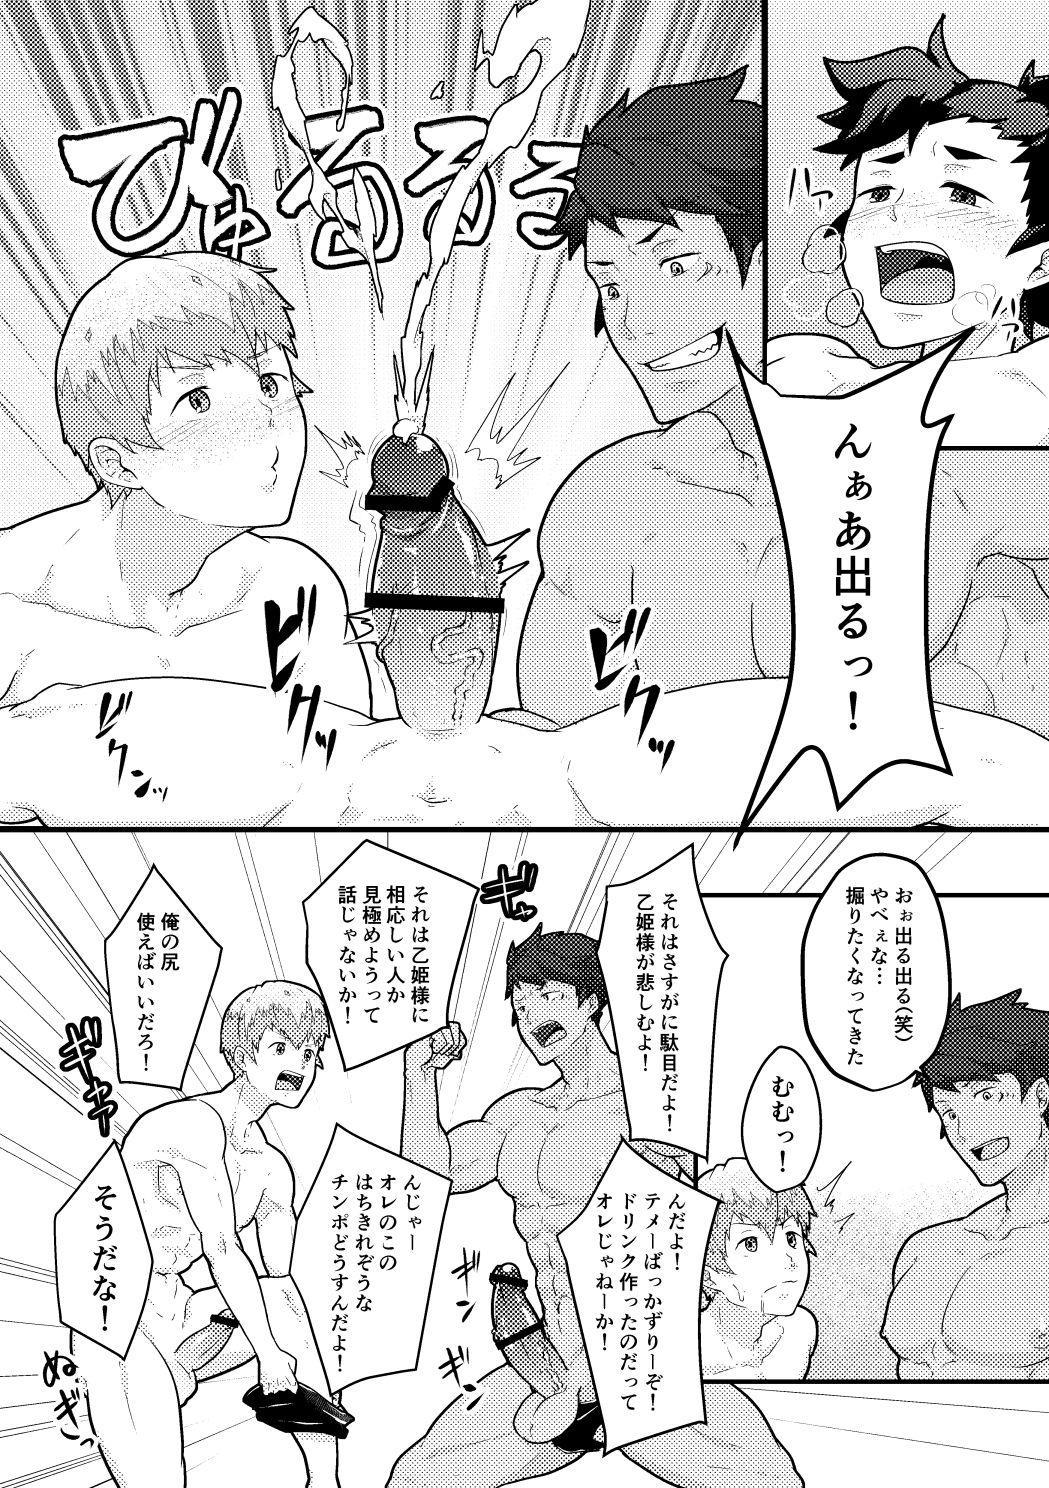 Urashimatarou 11